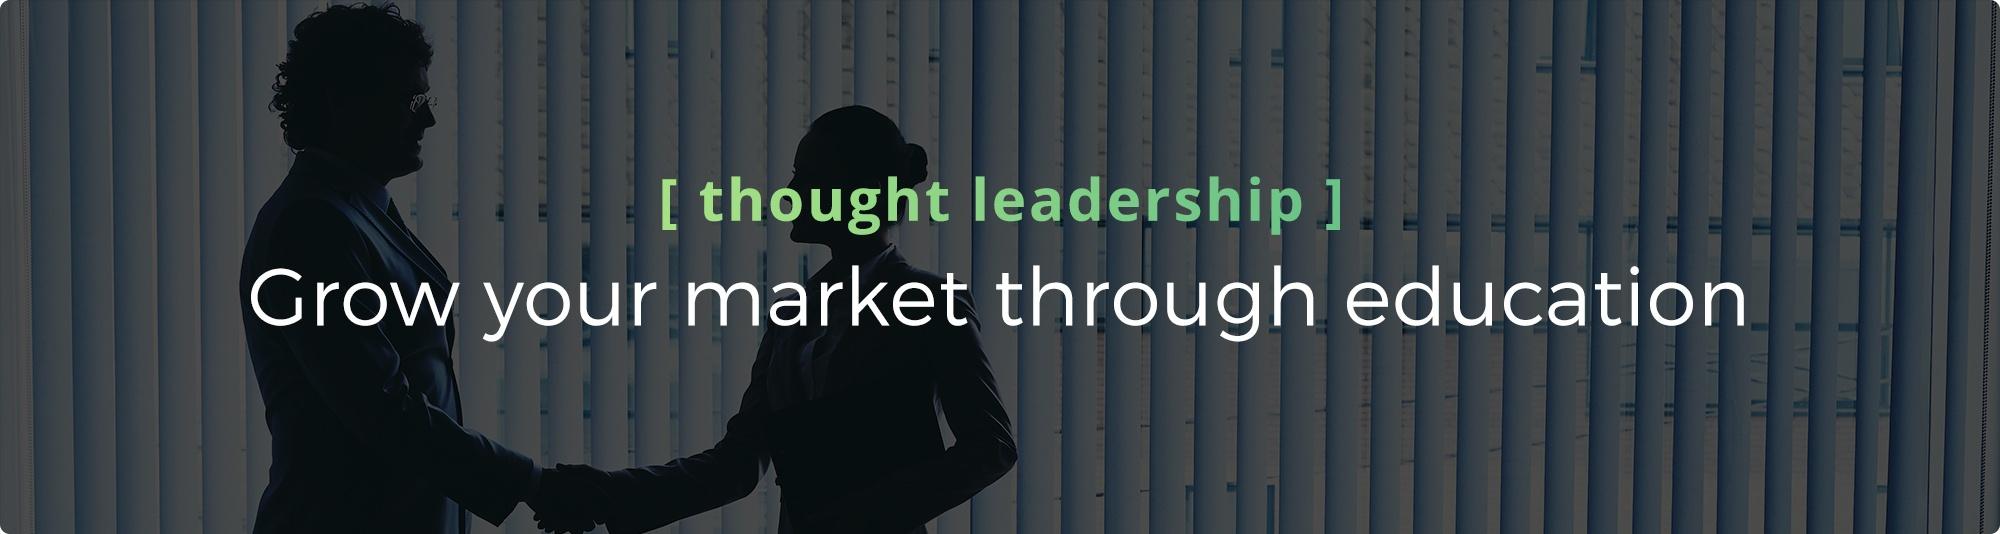 3 Thought Leadership Series Header.jpg